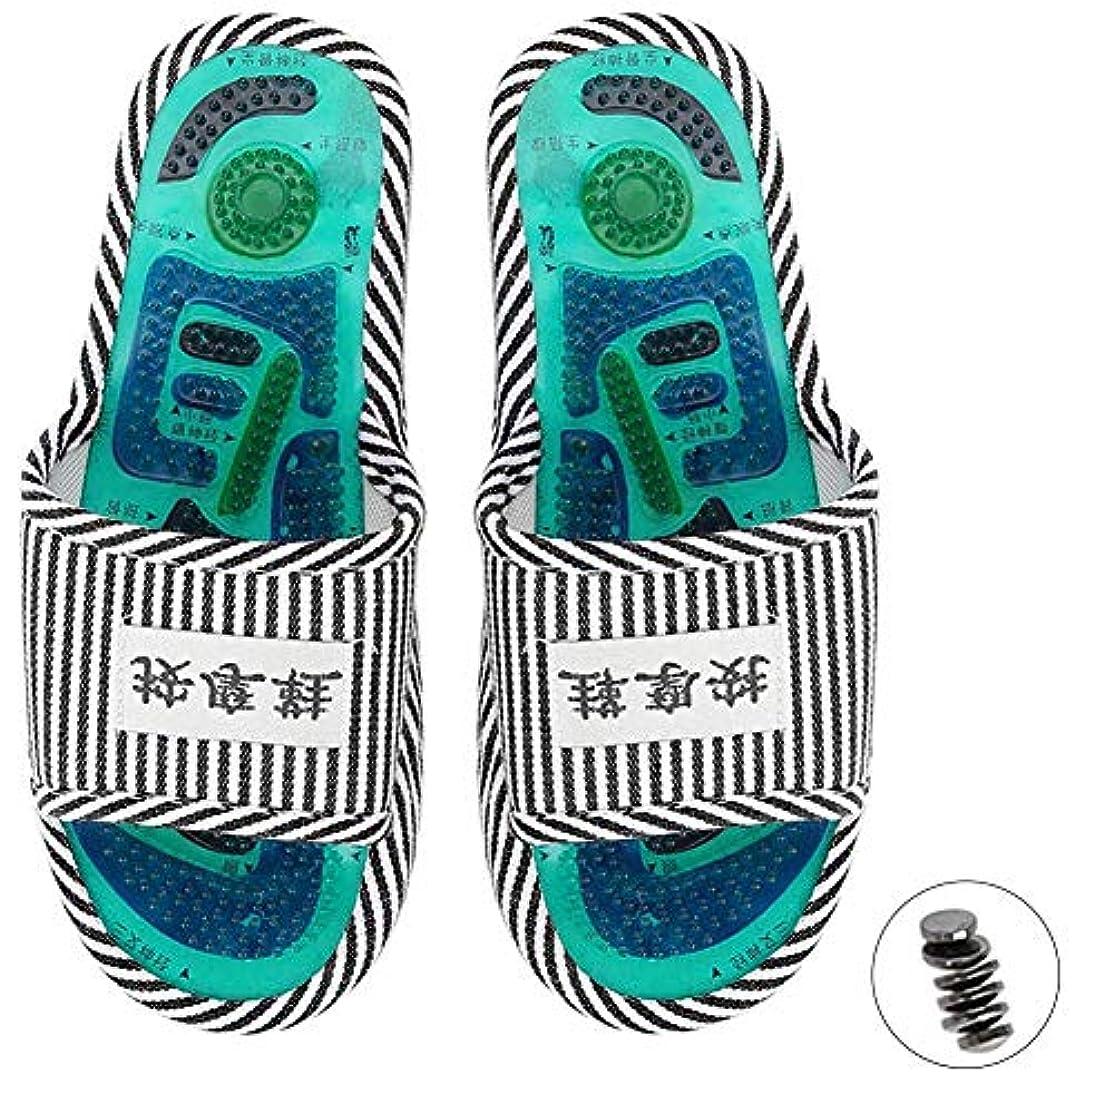 債権者ちらつき分子マッサージスリッパ、足指圧マッサージ 磁気ストーン 健康な足のケア マッサージボール 男性女性用(1)